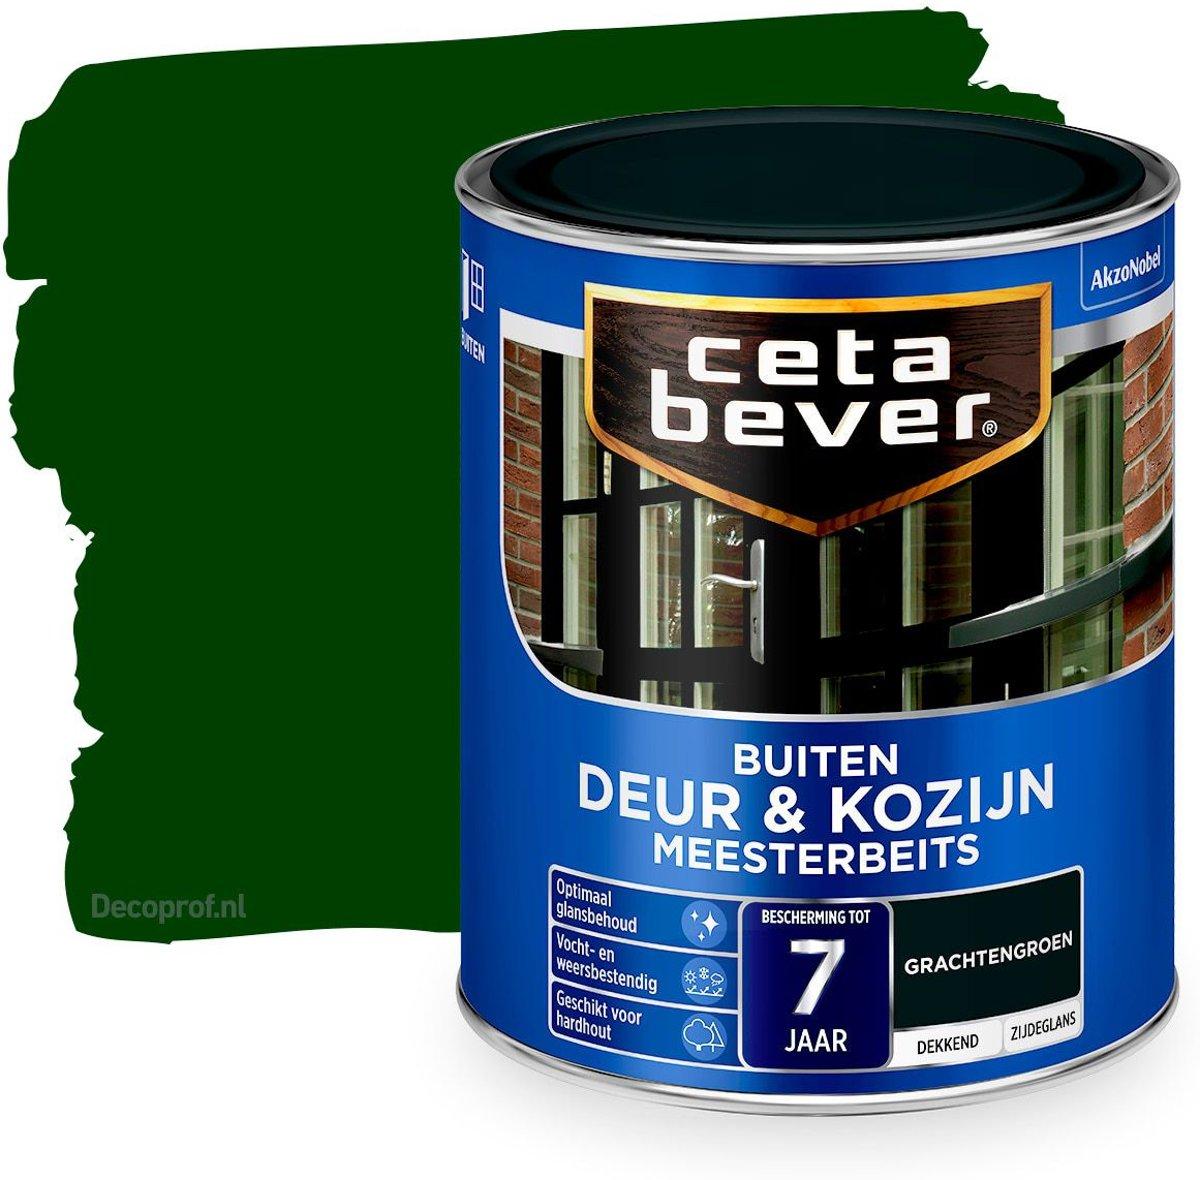 Cetabever Dekkend Meesterbeits Deur & Kozijn 650 Gracht Groen 750Ml kopen